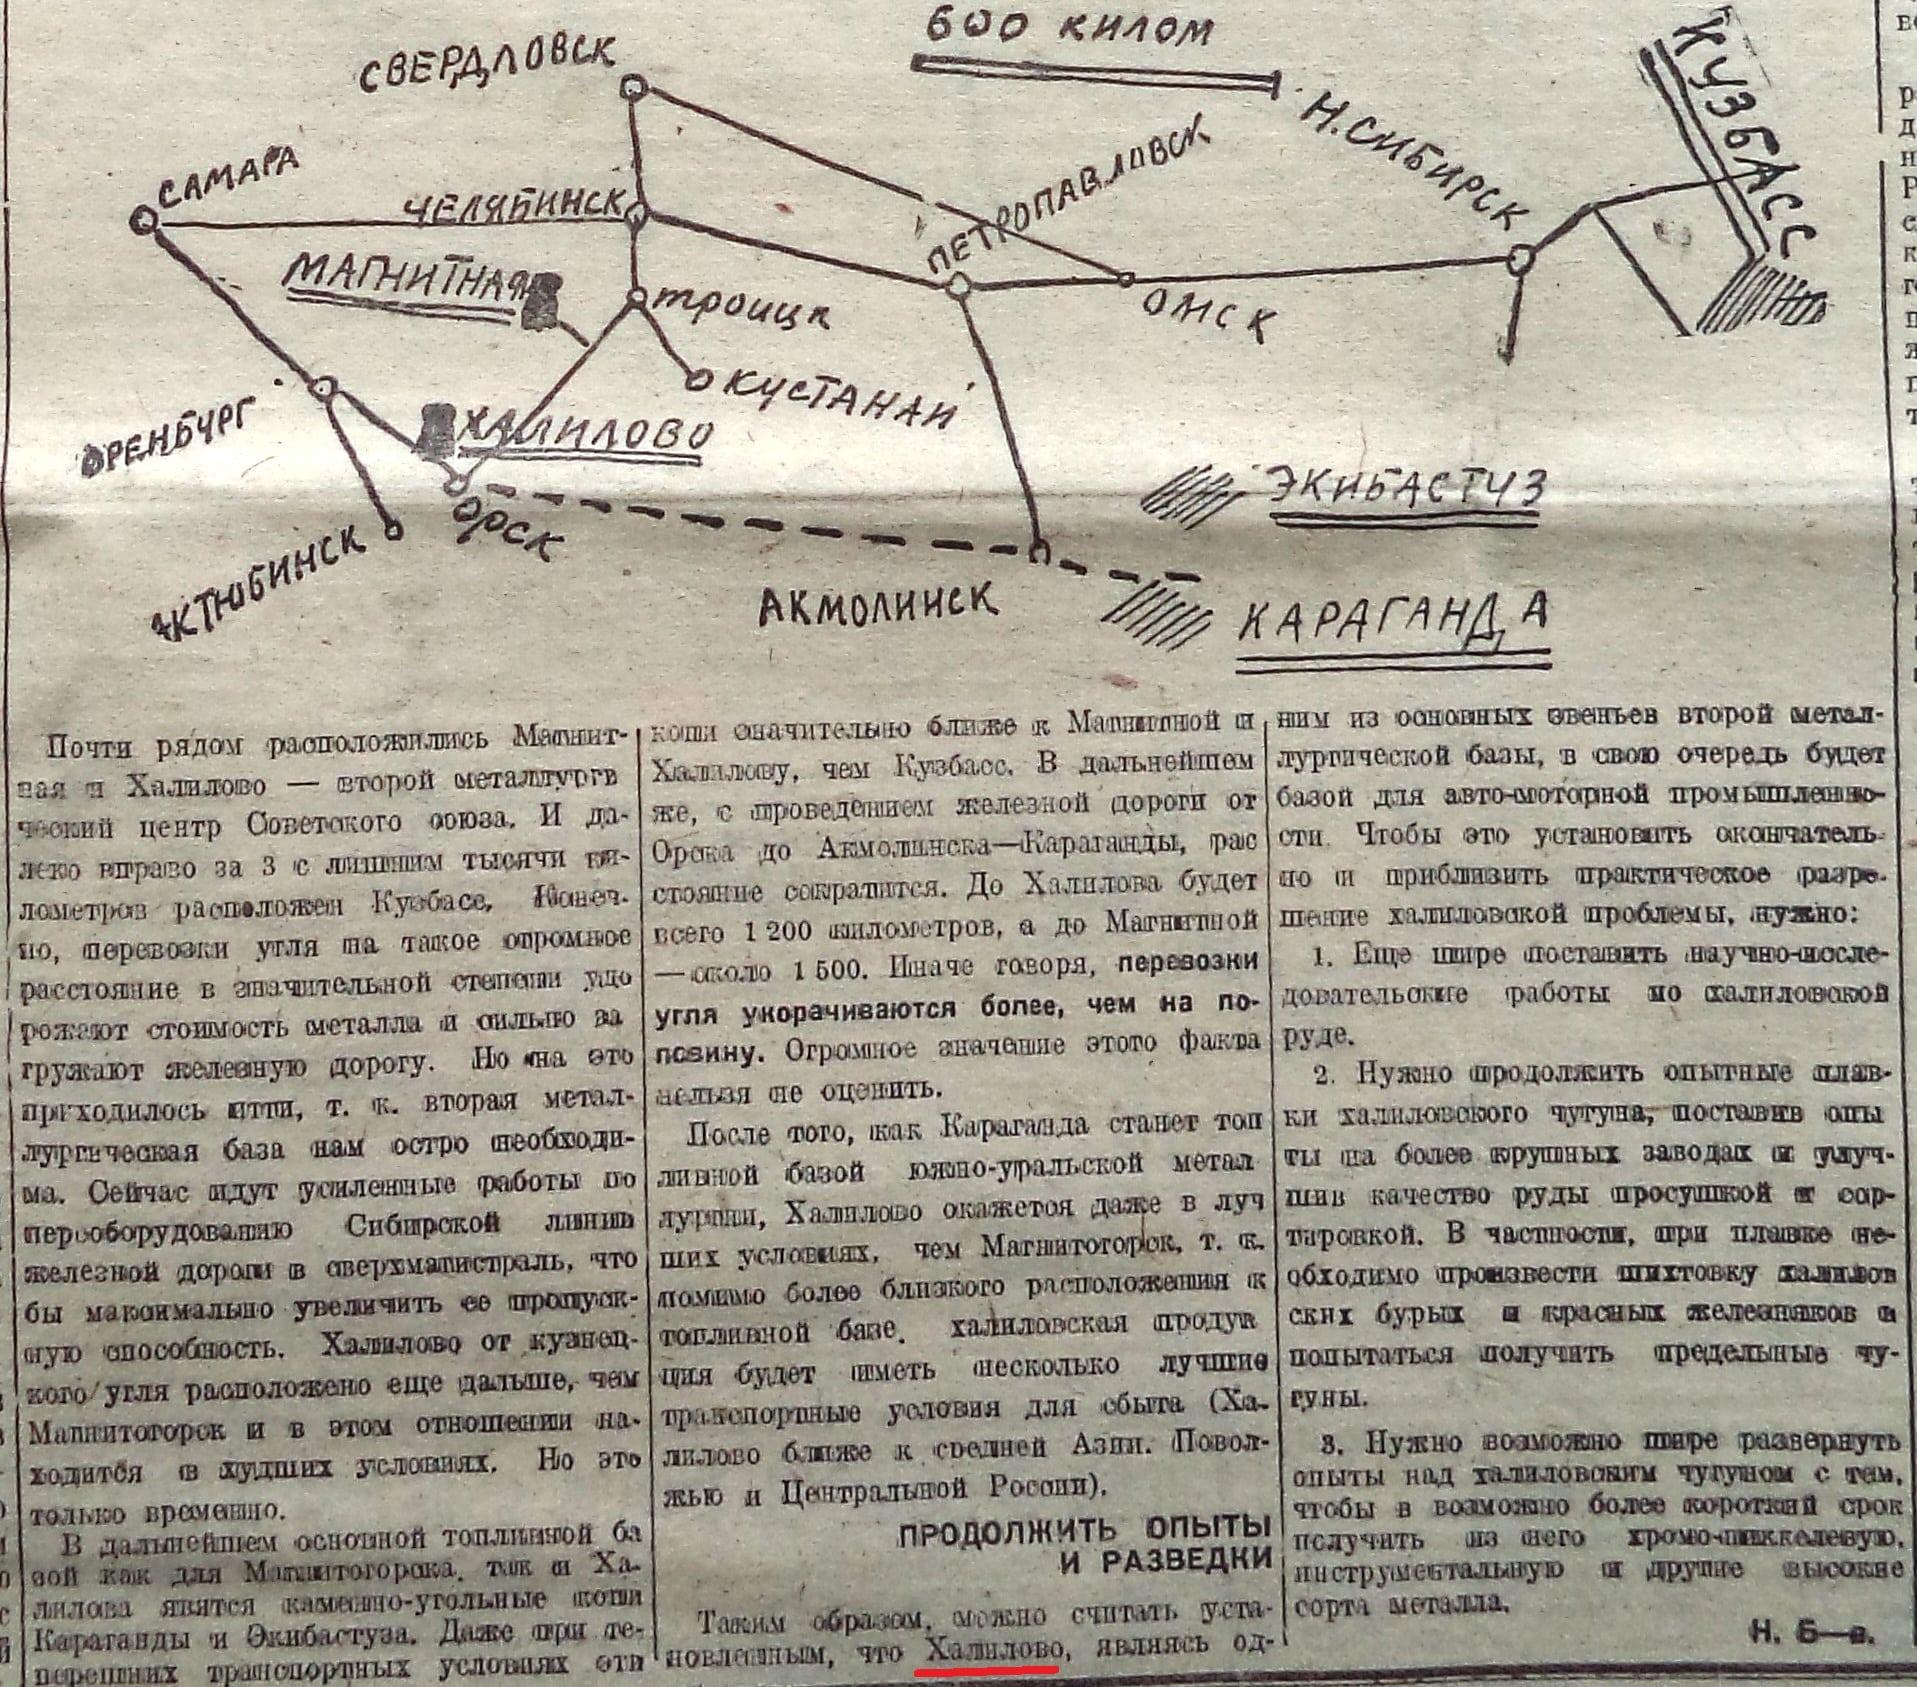 Халиловская-ФОТО-03-ВКа-1931-03-30-Халилово-min